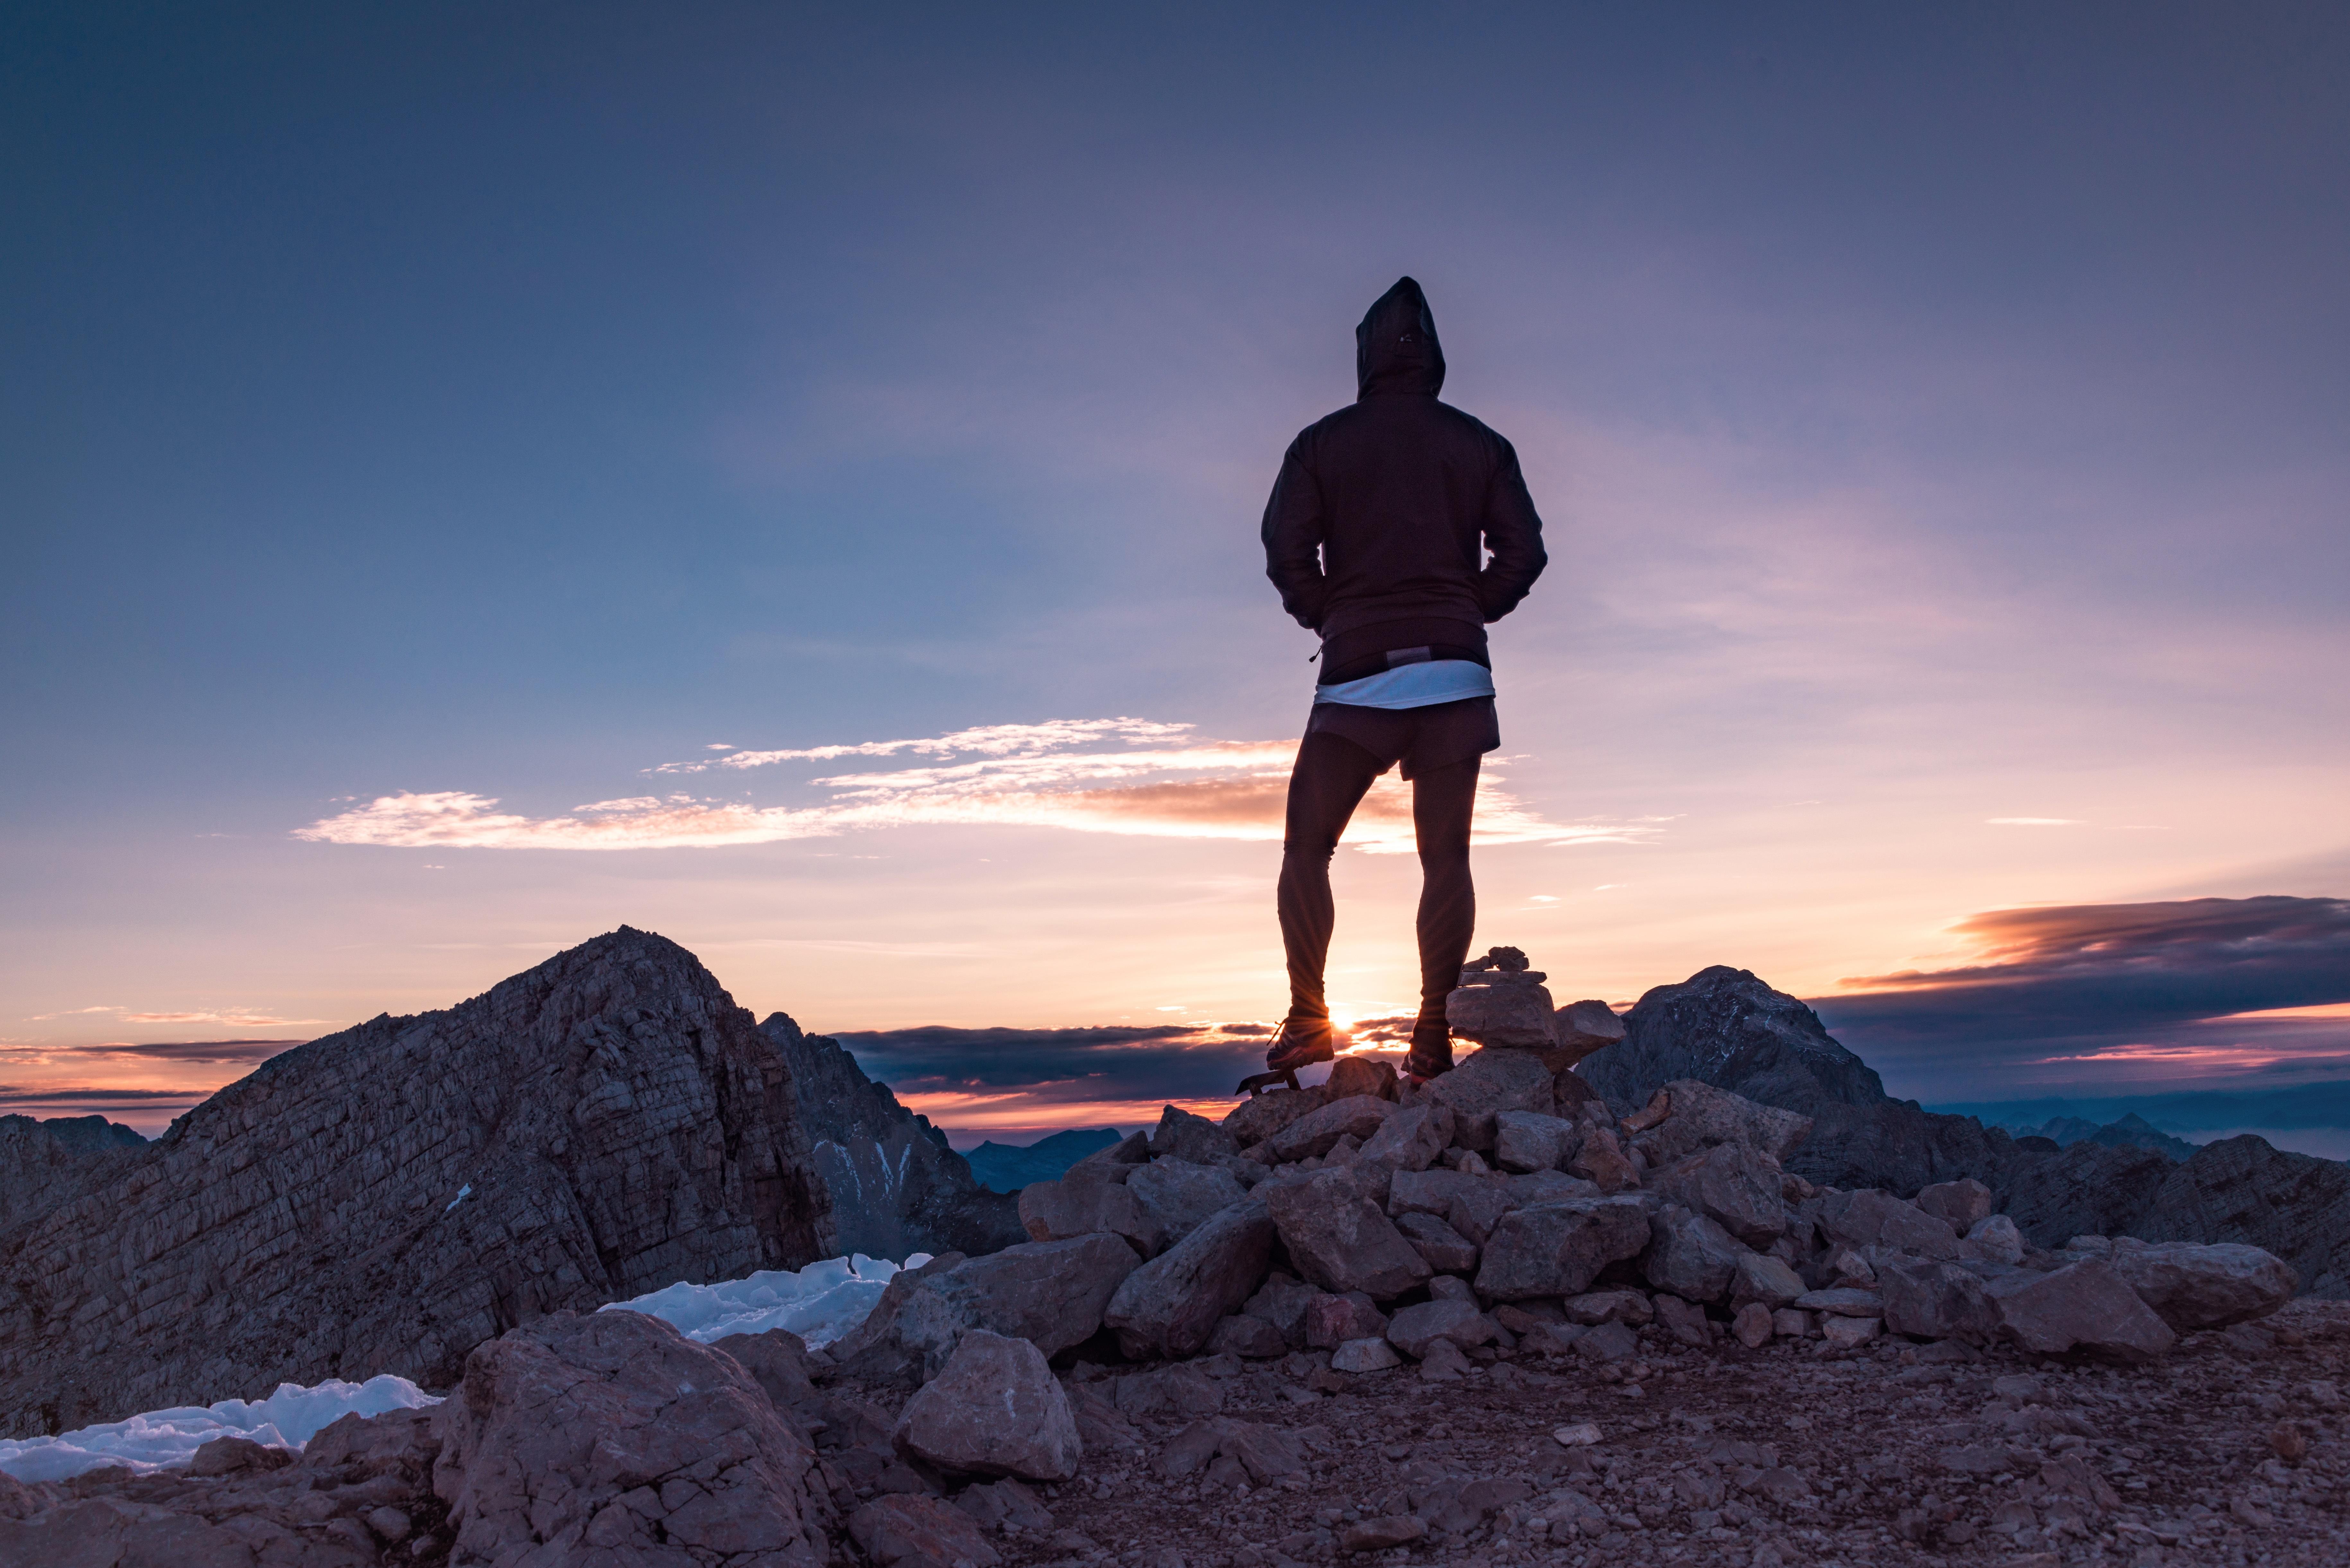 хорошего картинки на аву горы и человек сбываются мечты бог